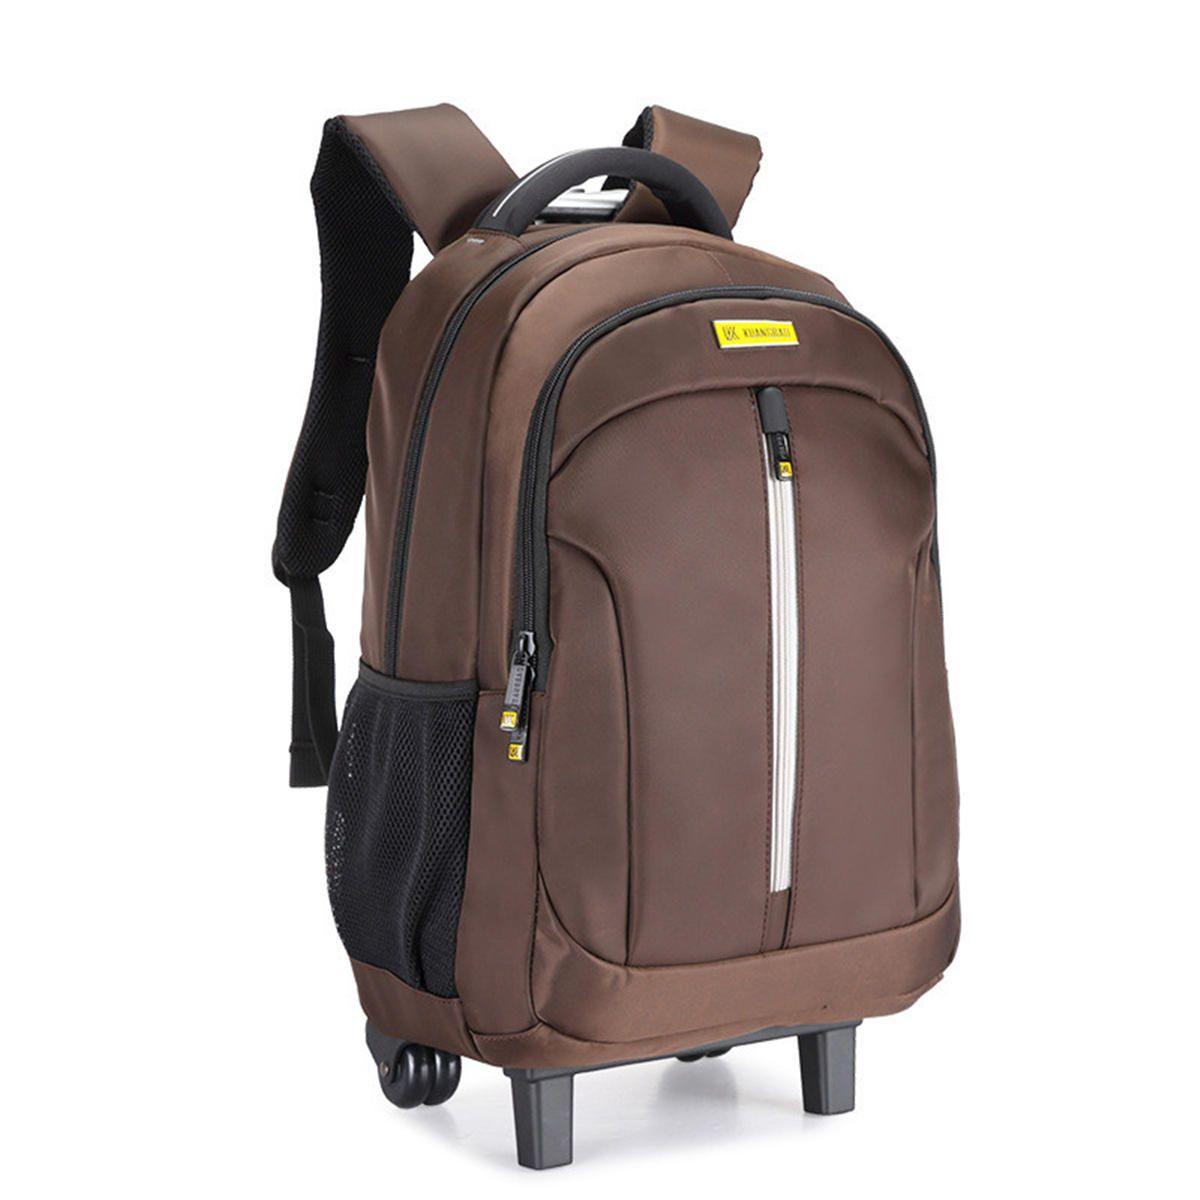 NDX US$57.45 19Inch Waterproof Wheeled Trolley Backpack Laptop Suitcase Luggage Rucksack Traveling Stroage Bags